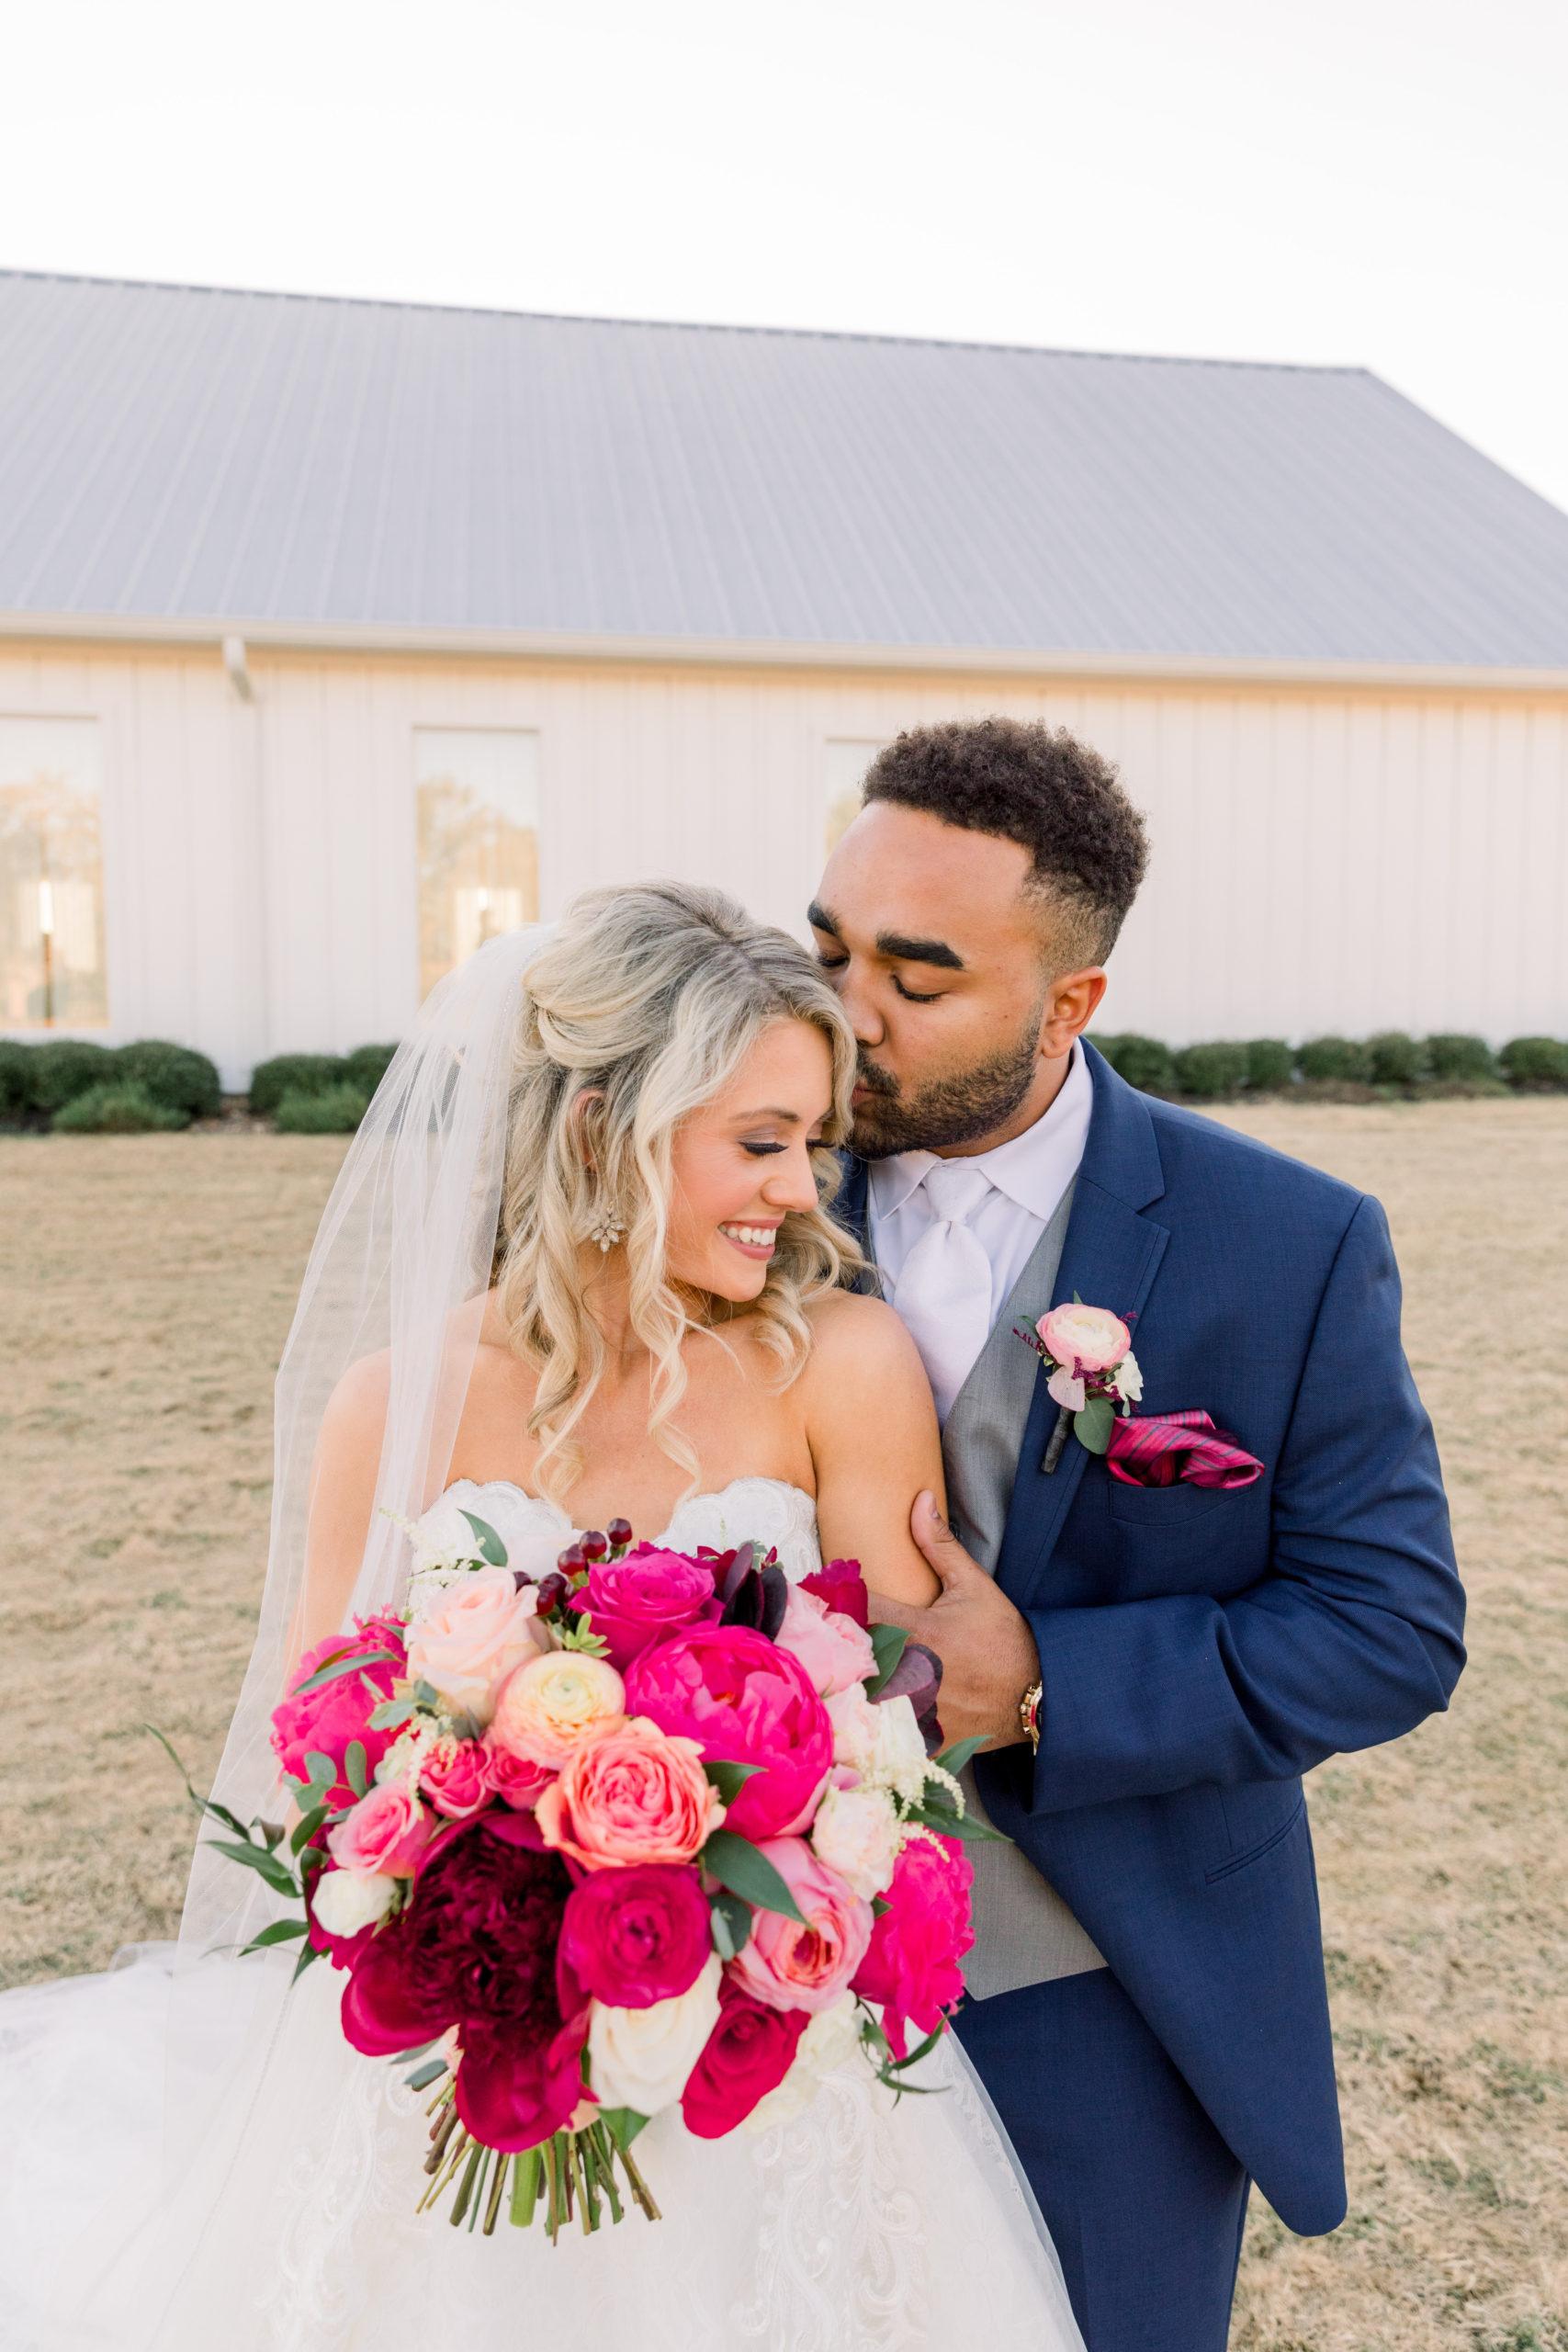 Bryce + Christi | The Farmhouse Houston Wedding